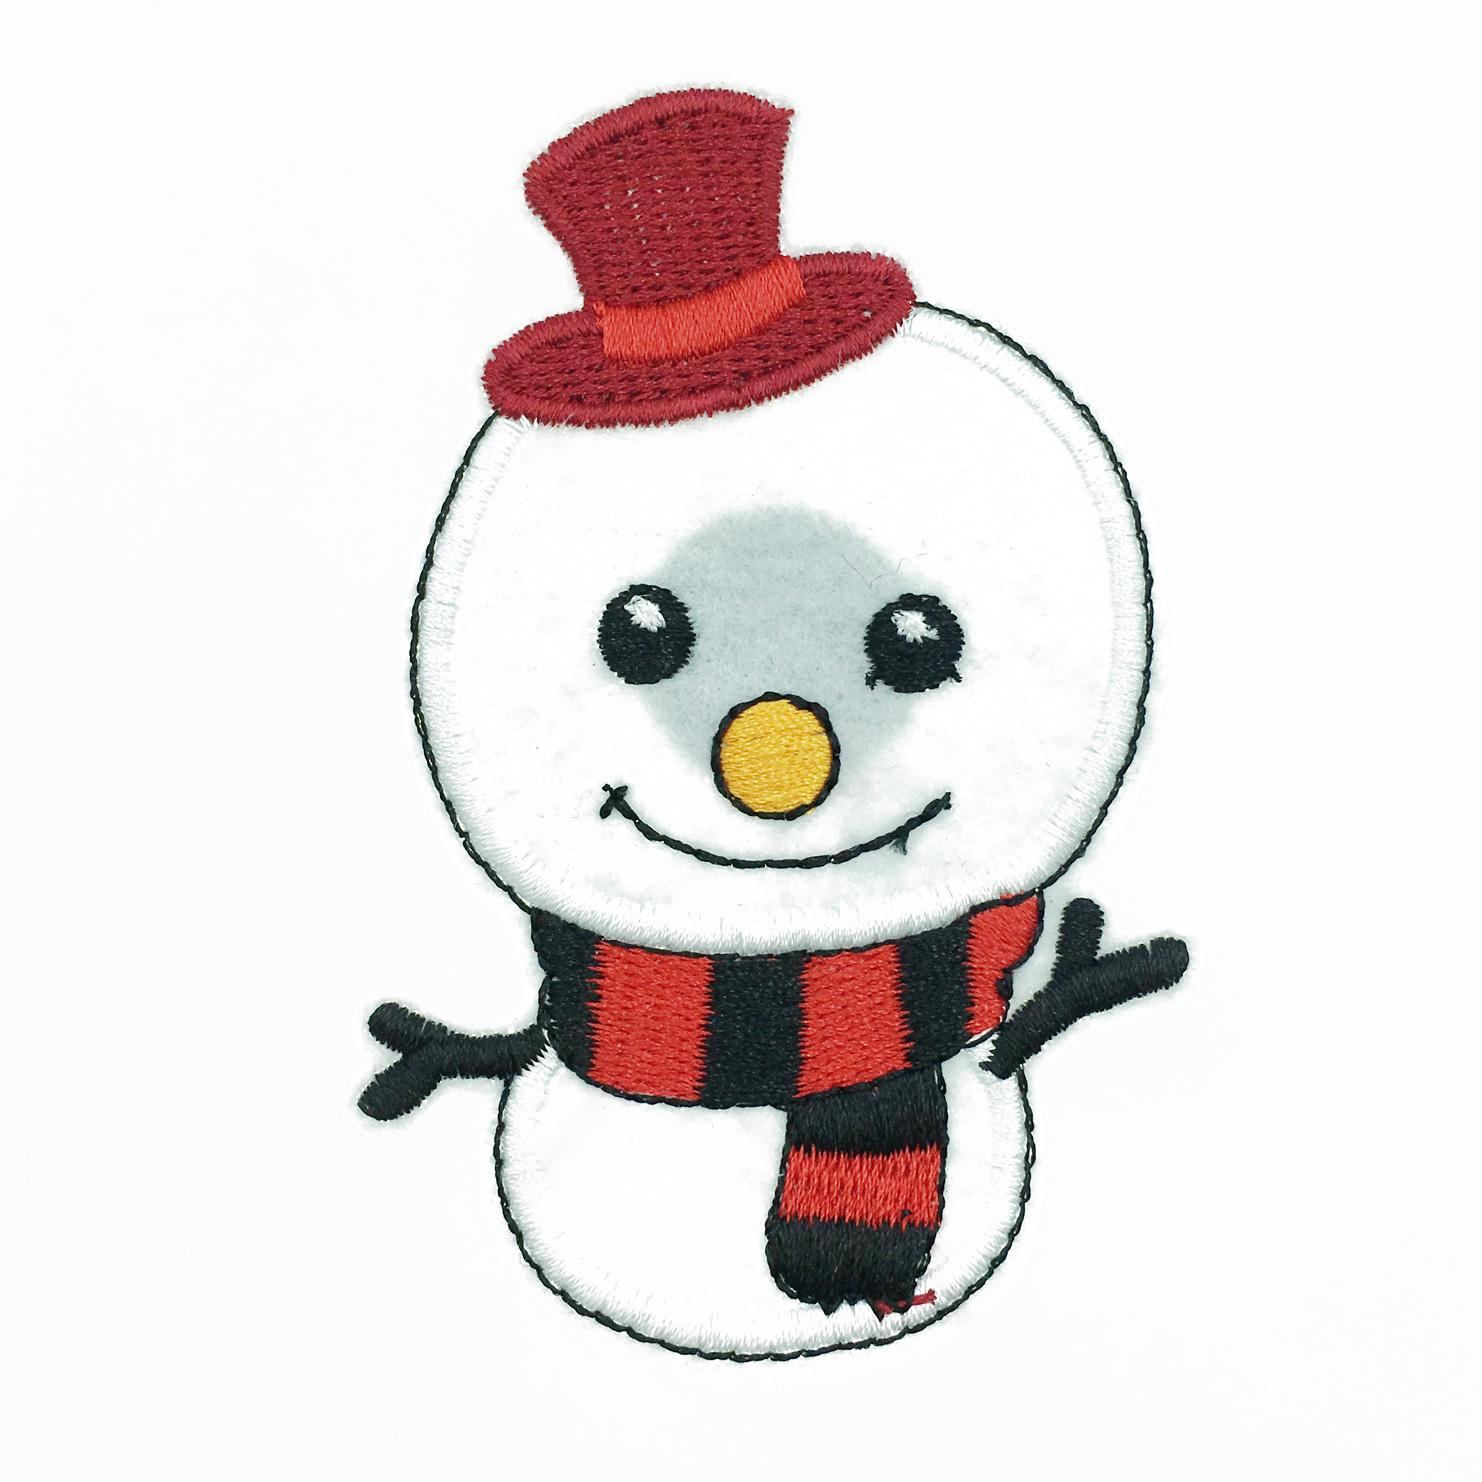 韓國 大頭雪人 刺繡 帽子 圍巾 聖誕節飾品 胸針 別針